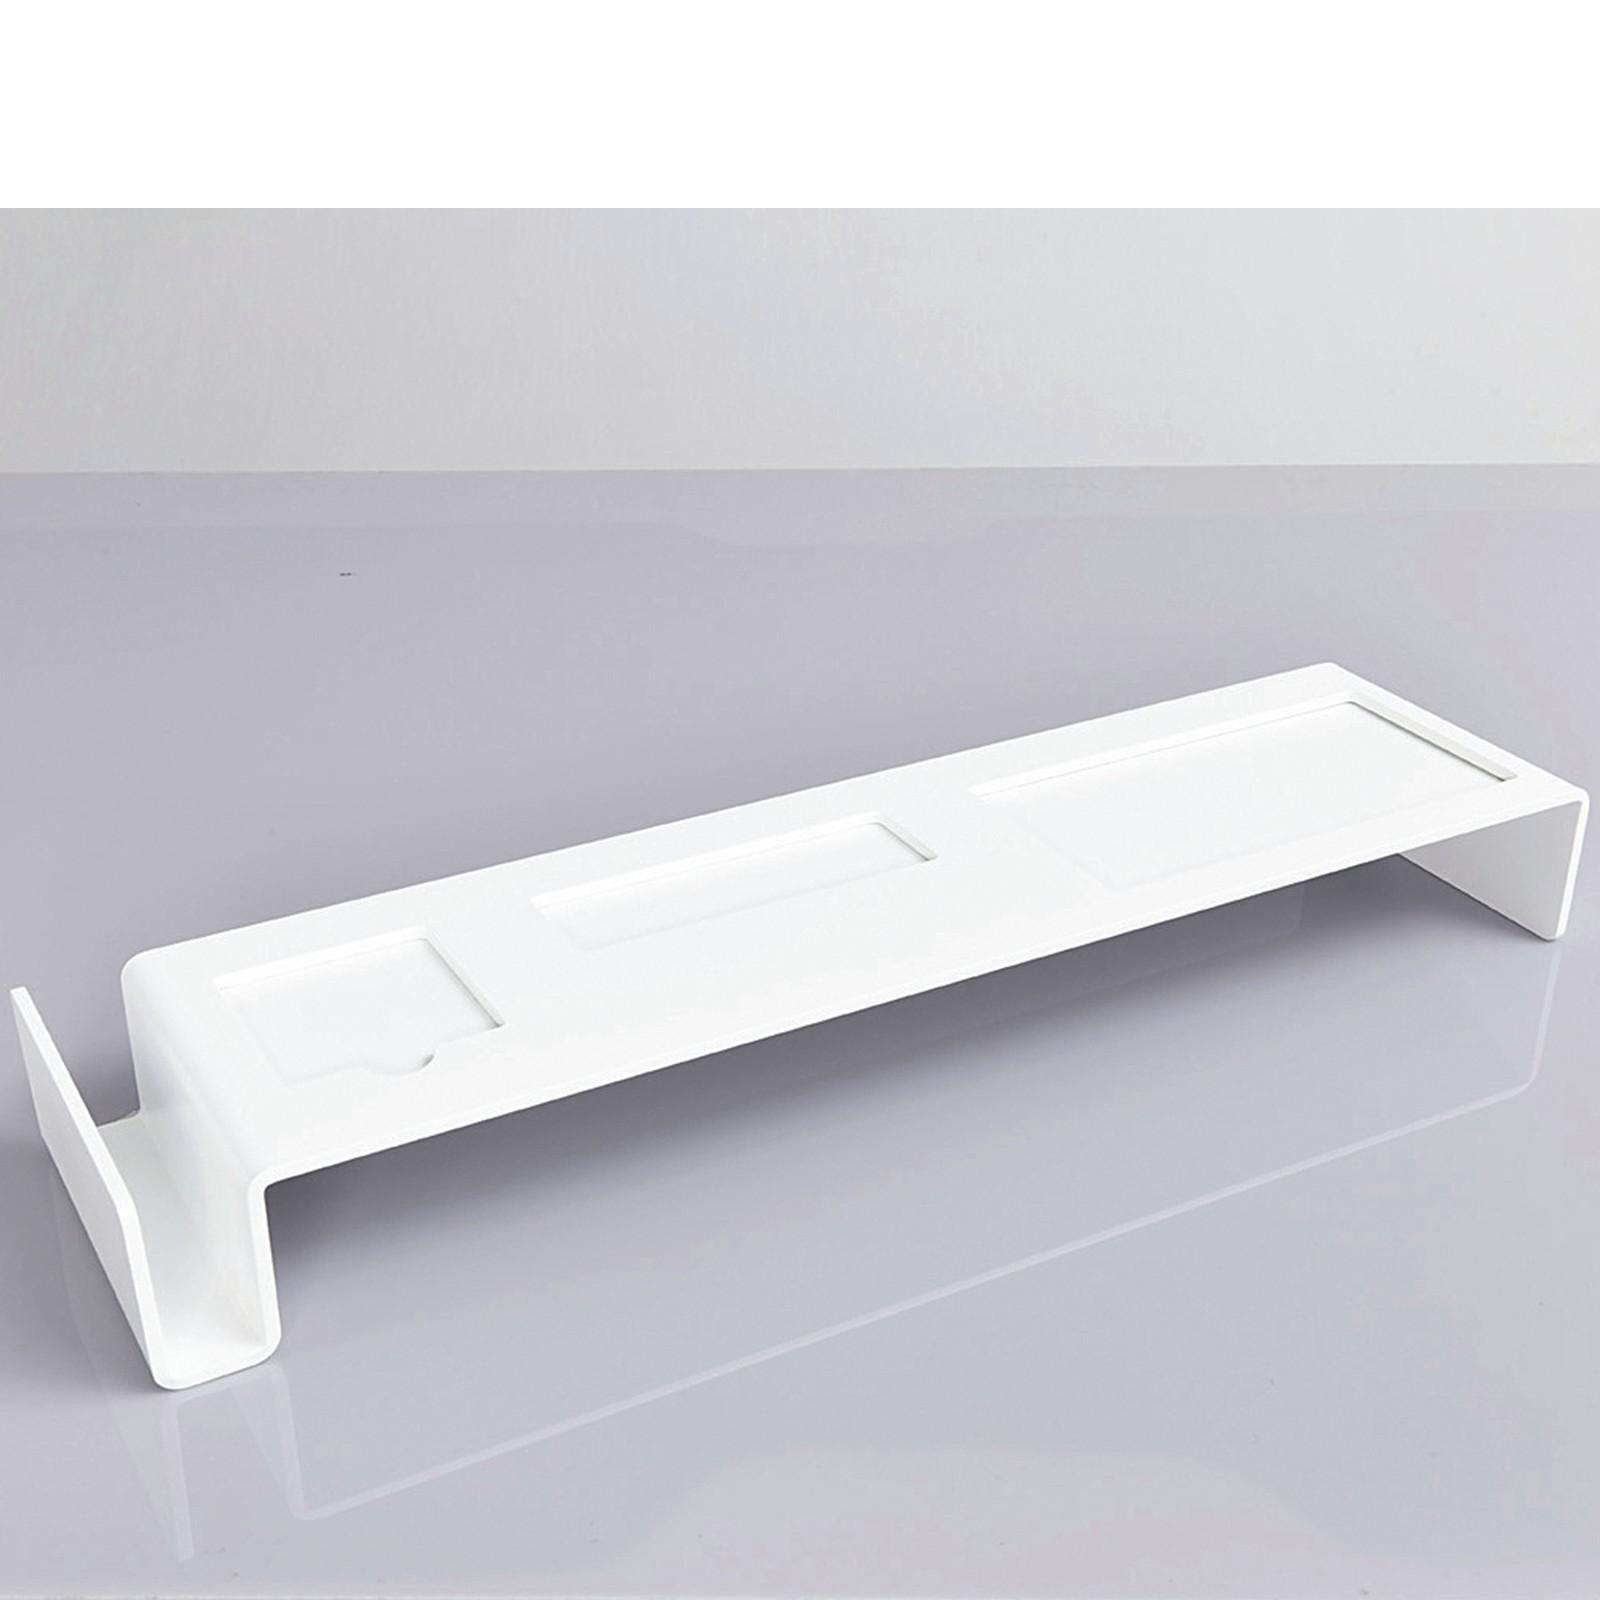 schreibtischablage verschiedene farben emform deskbridge s. Black Bedroom Furniture Sets. Home Design Ideas